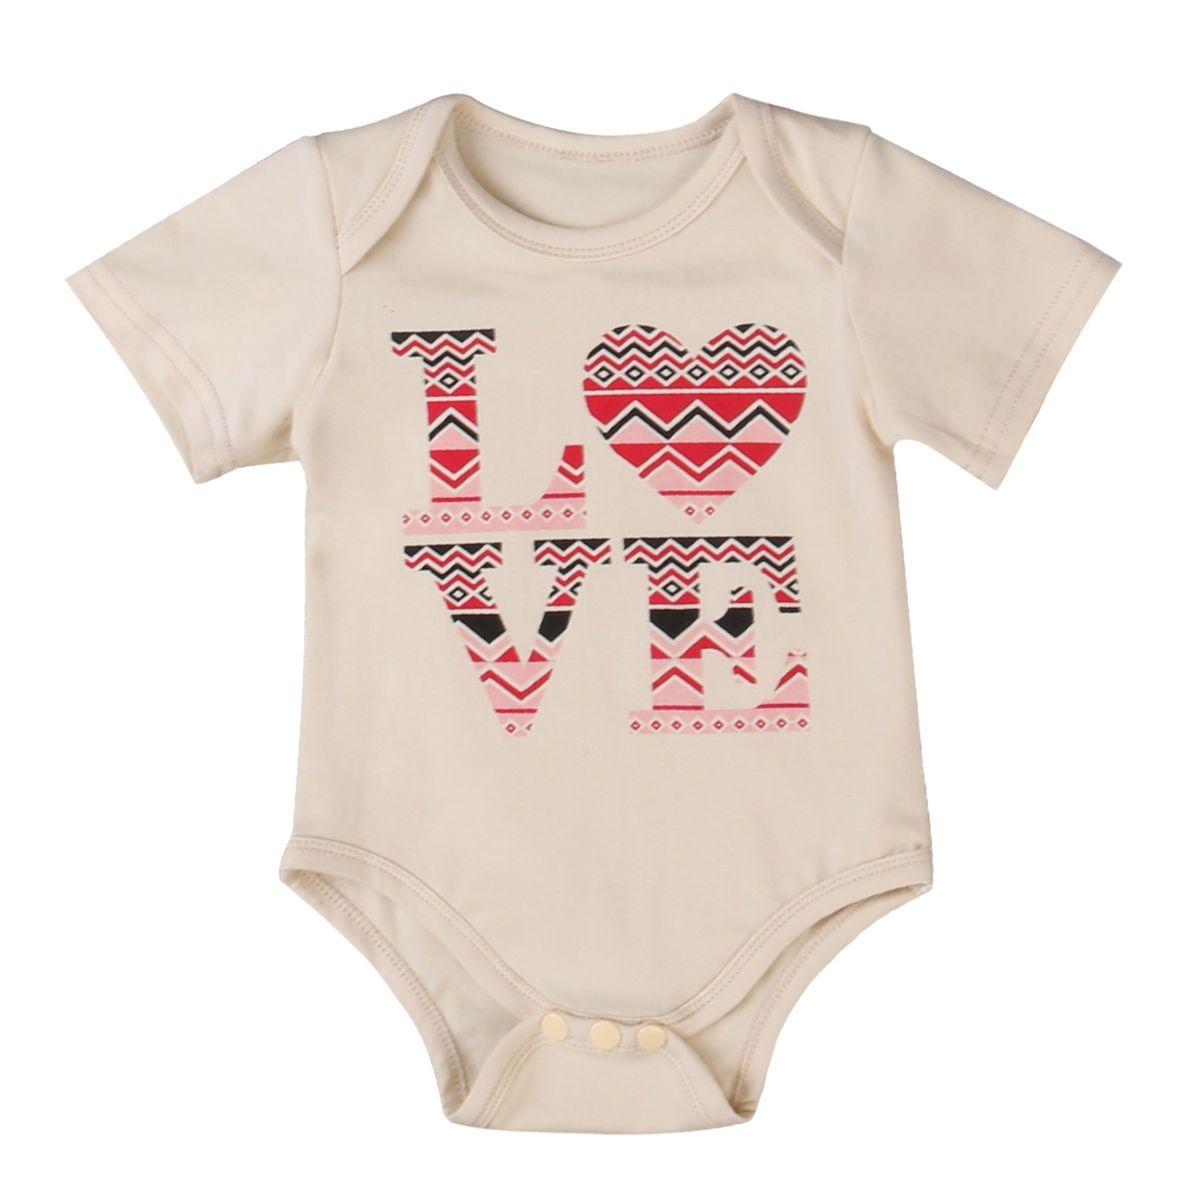 3975f53c1ab8 Cotton Baby Boy Girl Romper Jumpsuit Sunsuit One-piece Clothes US Stock  Kids Infant Children